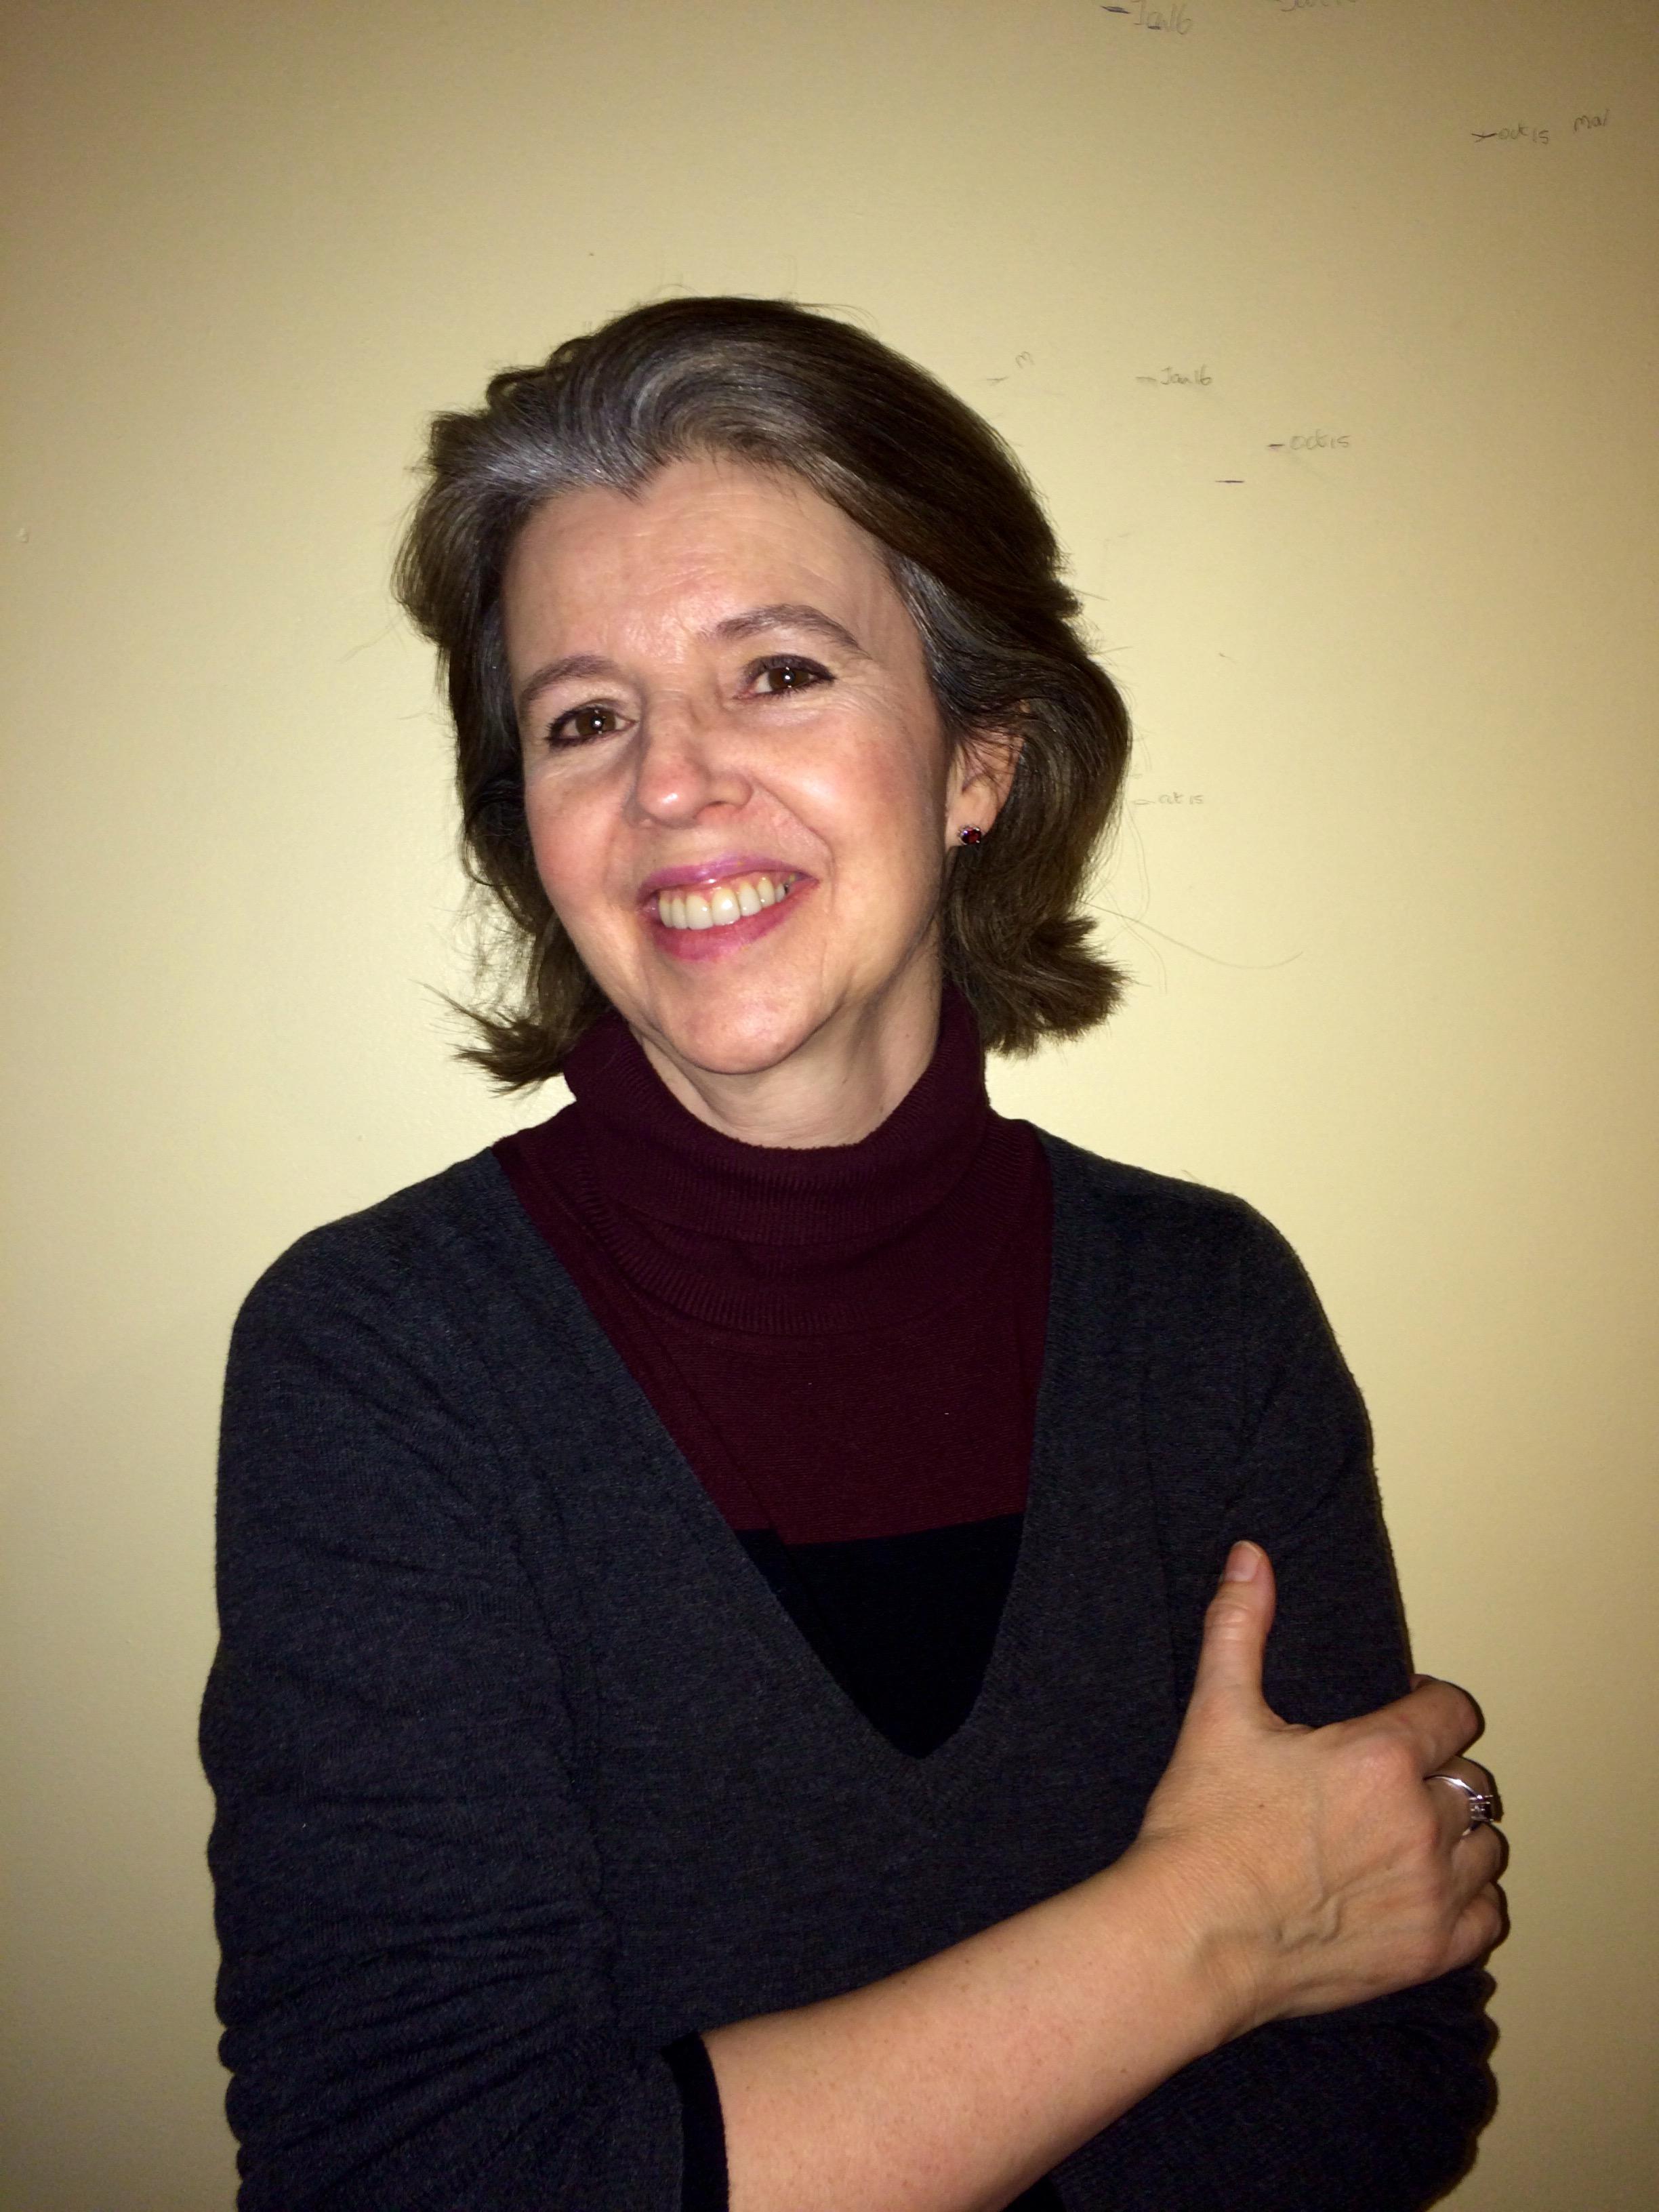 Anne Marie Crowley Jan 16